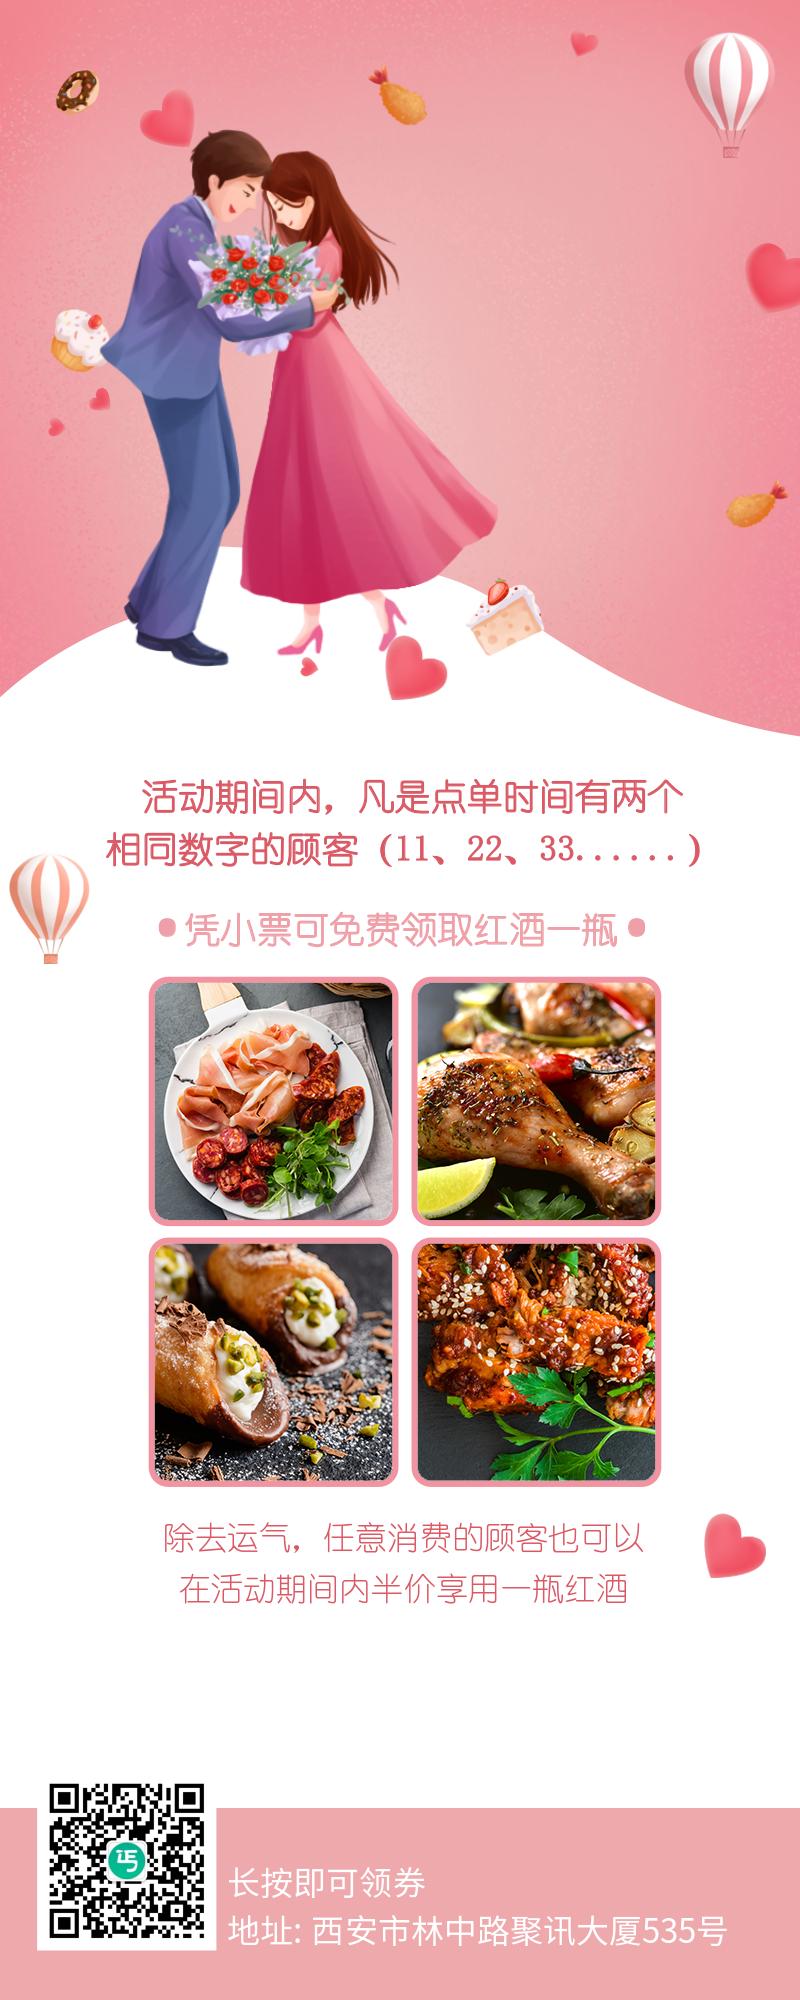 餐饮美食情人节营销长图海报